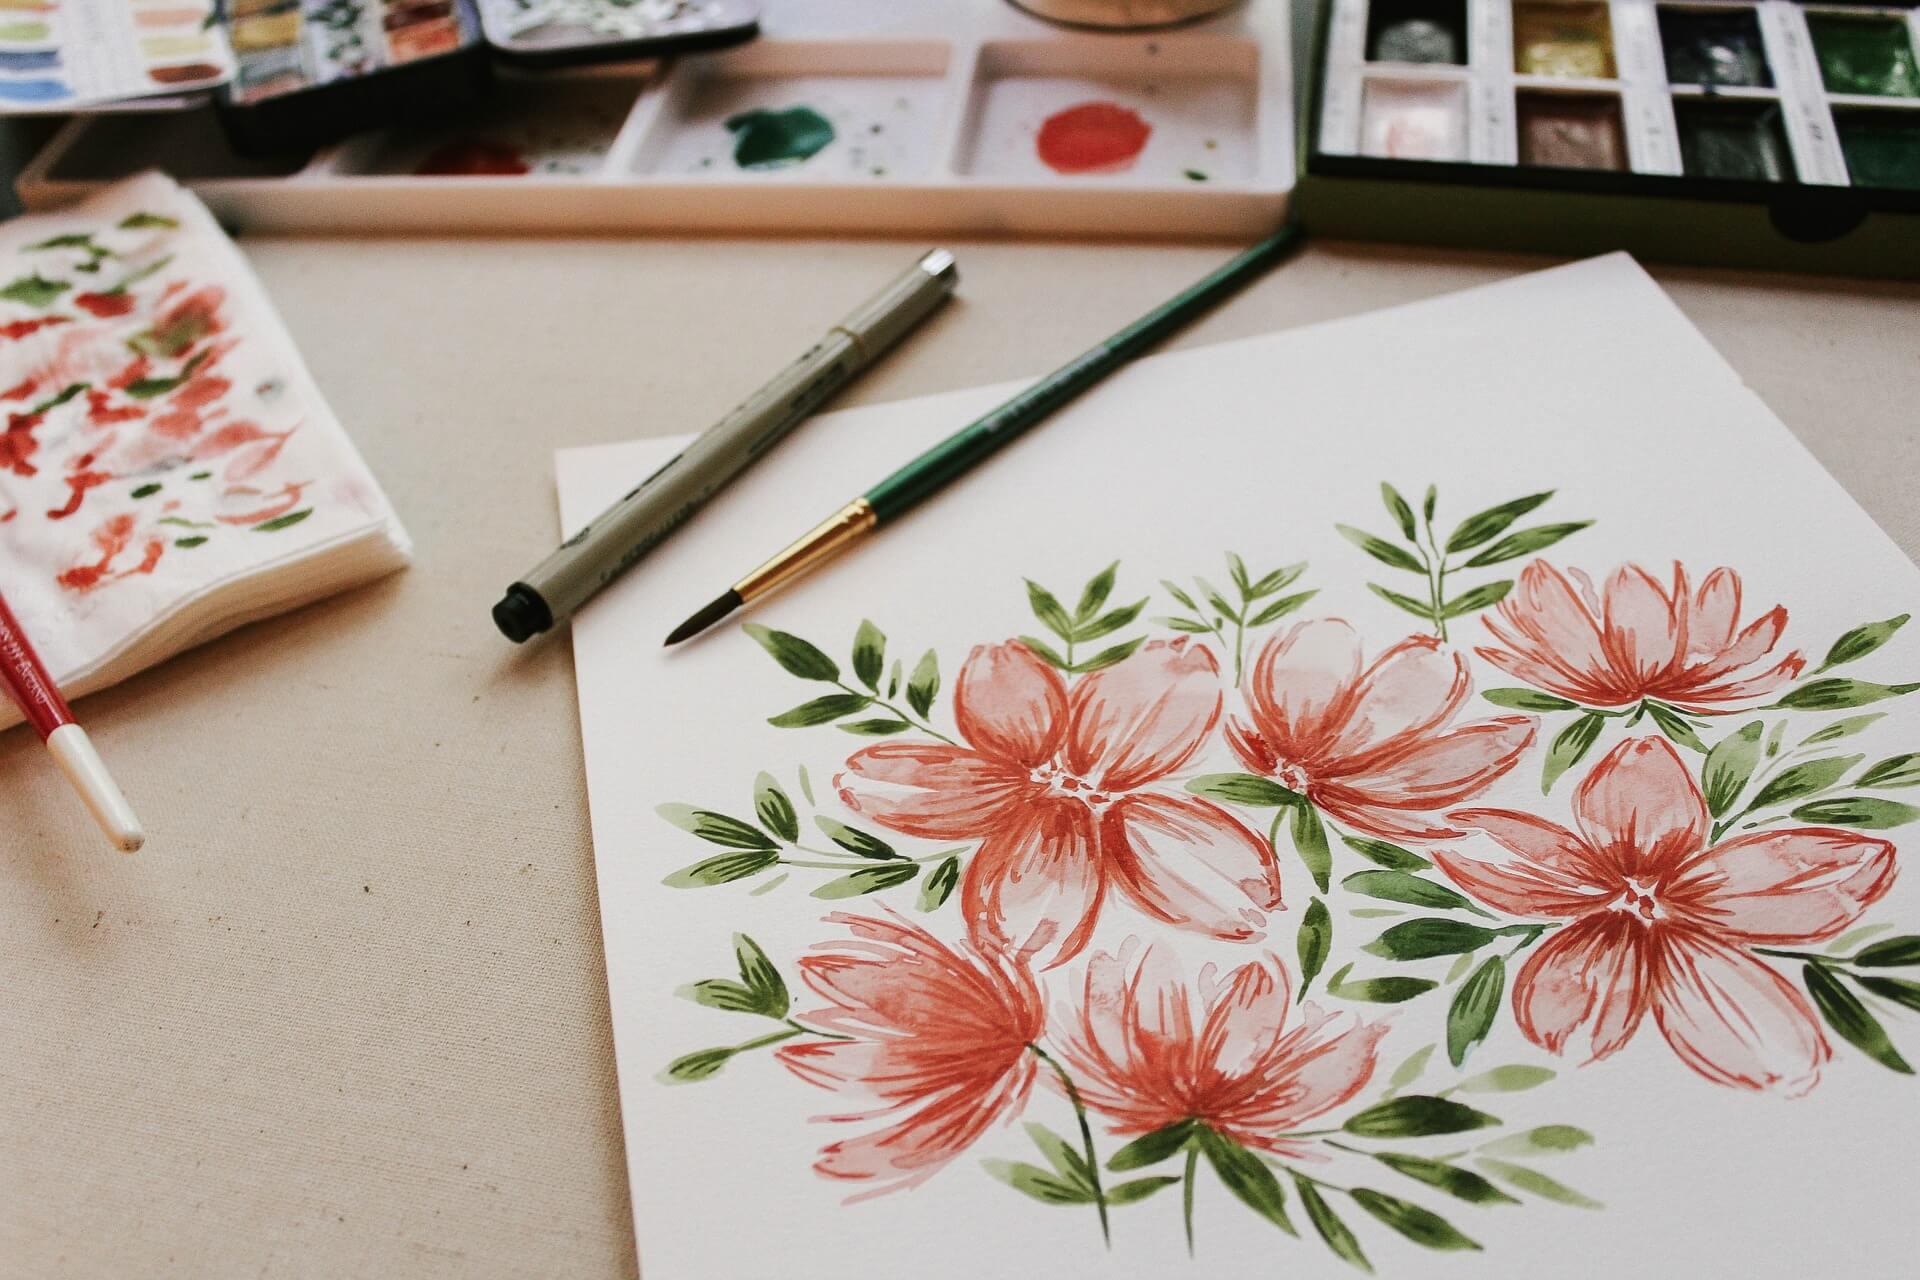 flower-2577765_1920-2.jpg